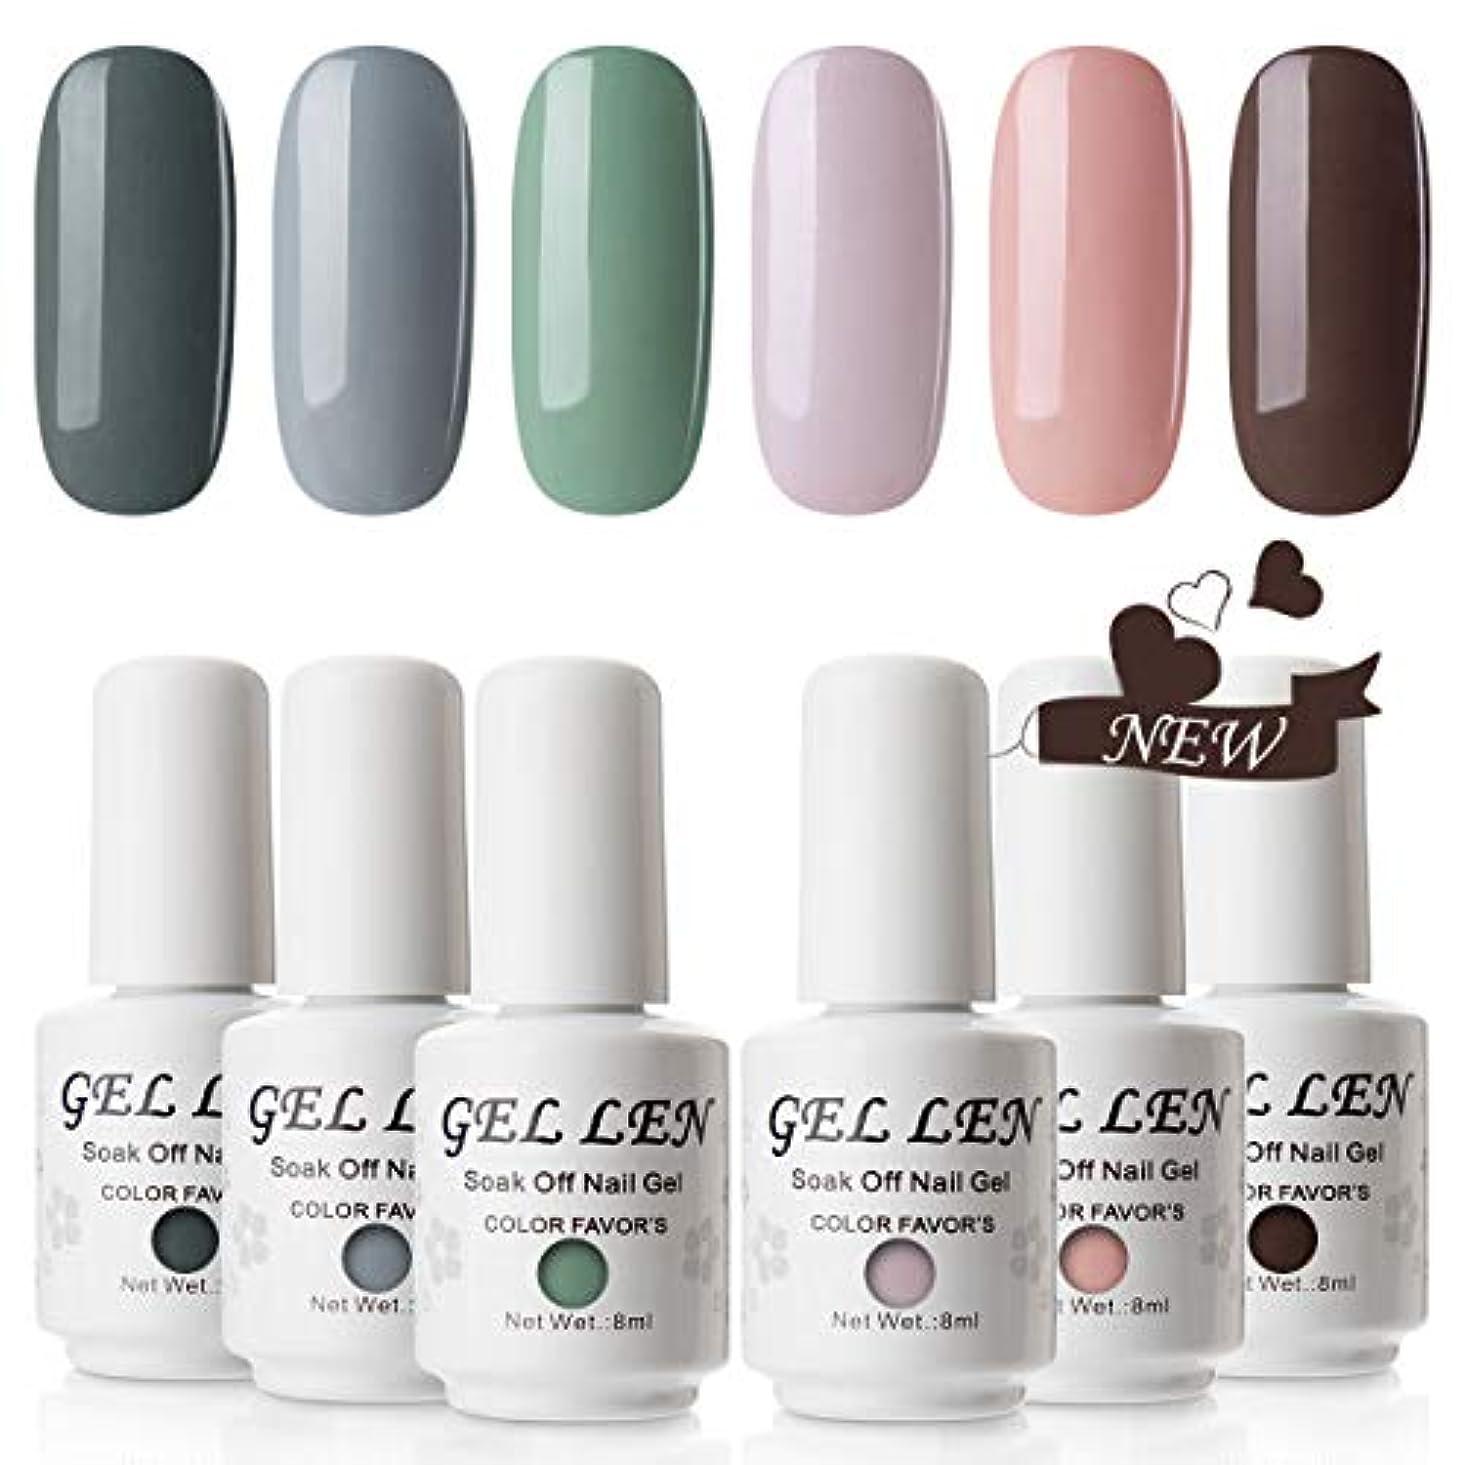 わずかにステージファーザーファージュGellen ジェルネイル カラージェル 厳選6色 UV/LED ラメ 全ての女性に愛されるカラー 8ml くすみカラー 和色